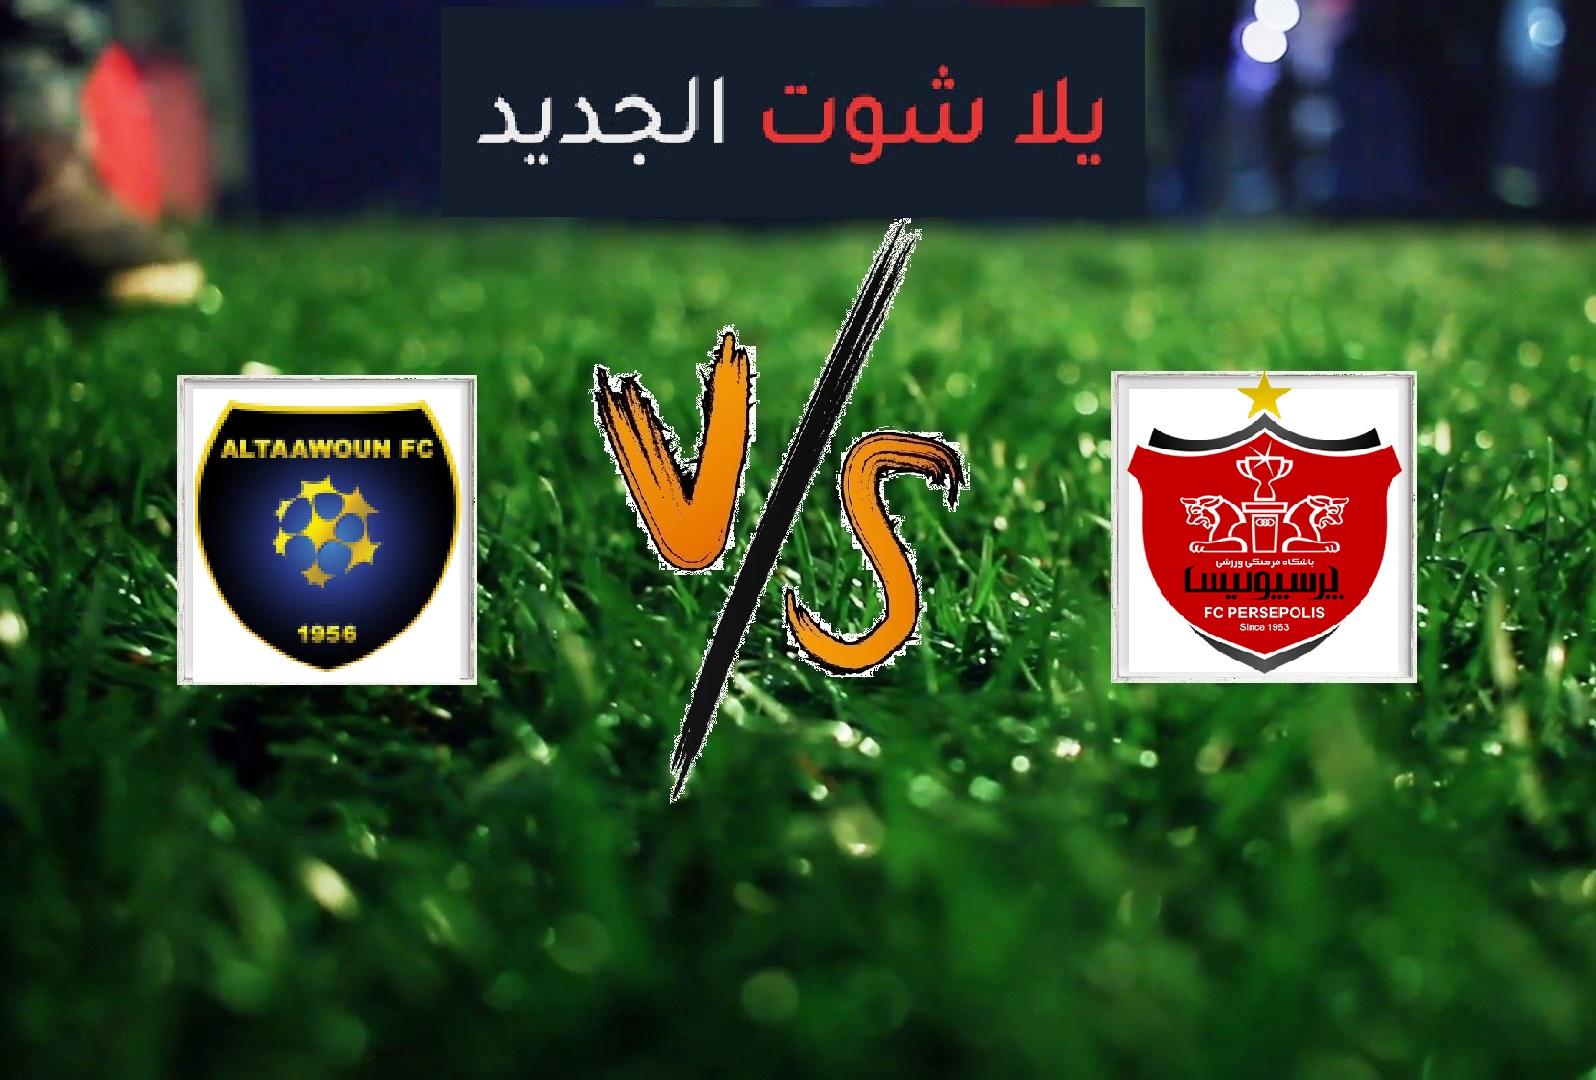 نتيجة مباراة التعاون وبرسبوليس اليوم الثلاثاء بتاريخ 15-09-2020 دوري أبطال آسيا